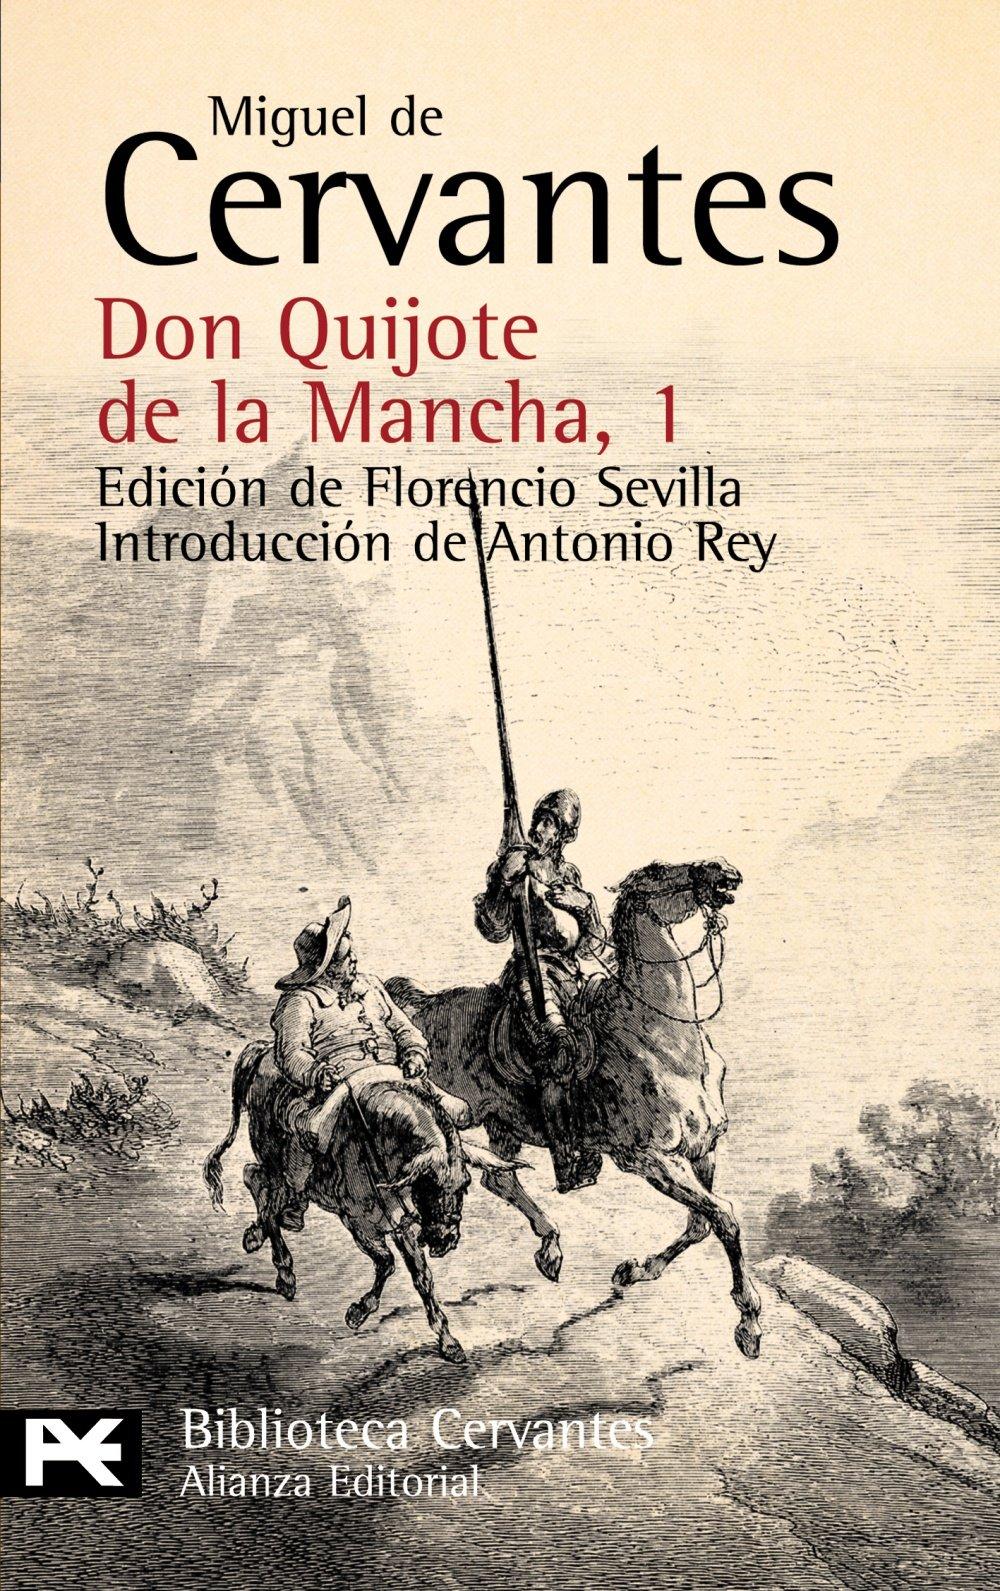 Don Quijote de la Mancha, 1 (El Libro De Bolsillo - Bibliotecas De Autor -  Biblioteca Cervantes) : Cervantes, Miguel de, Sevilla, Florencio, Rey  Hazas, Antonio: Amazon.es: Libros